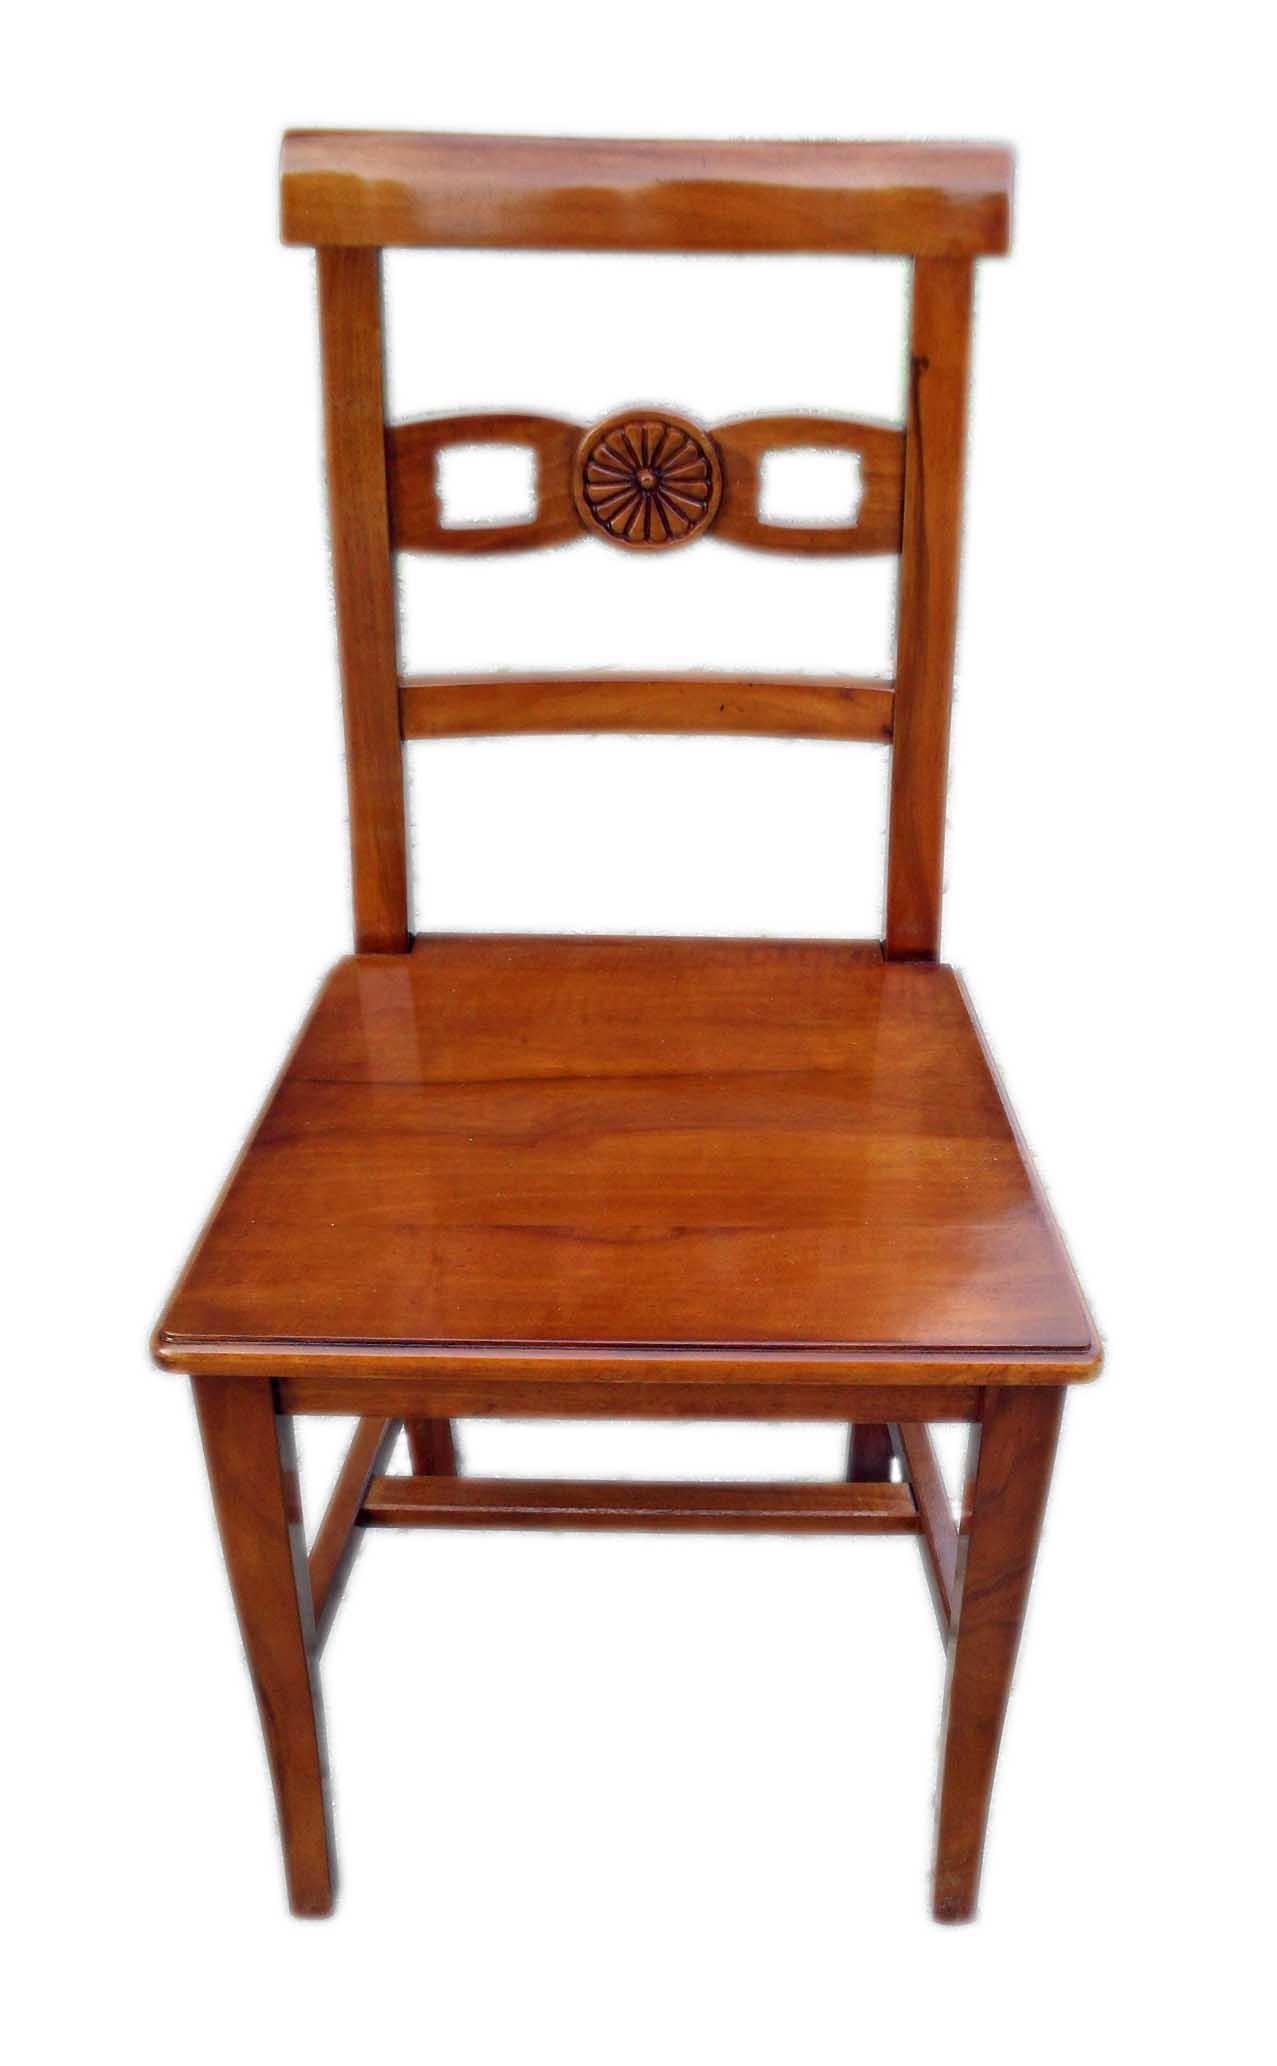 Sedia asolana con intaglio e seduta  legno